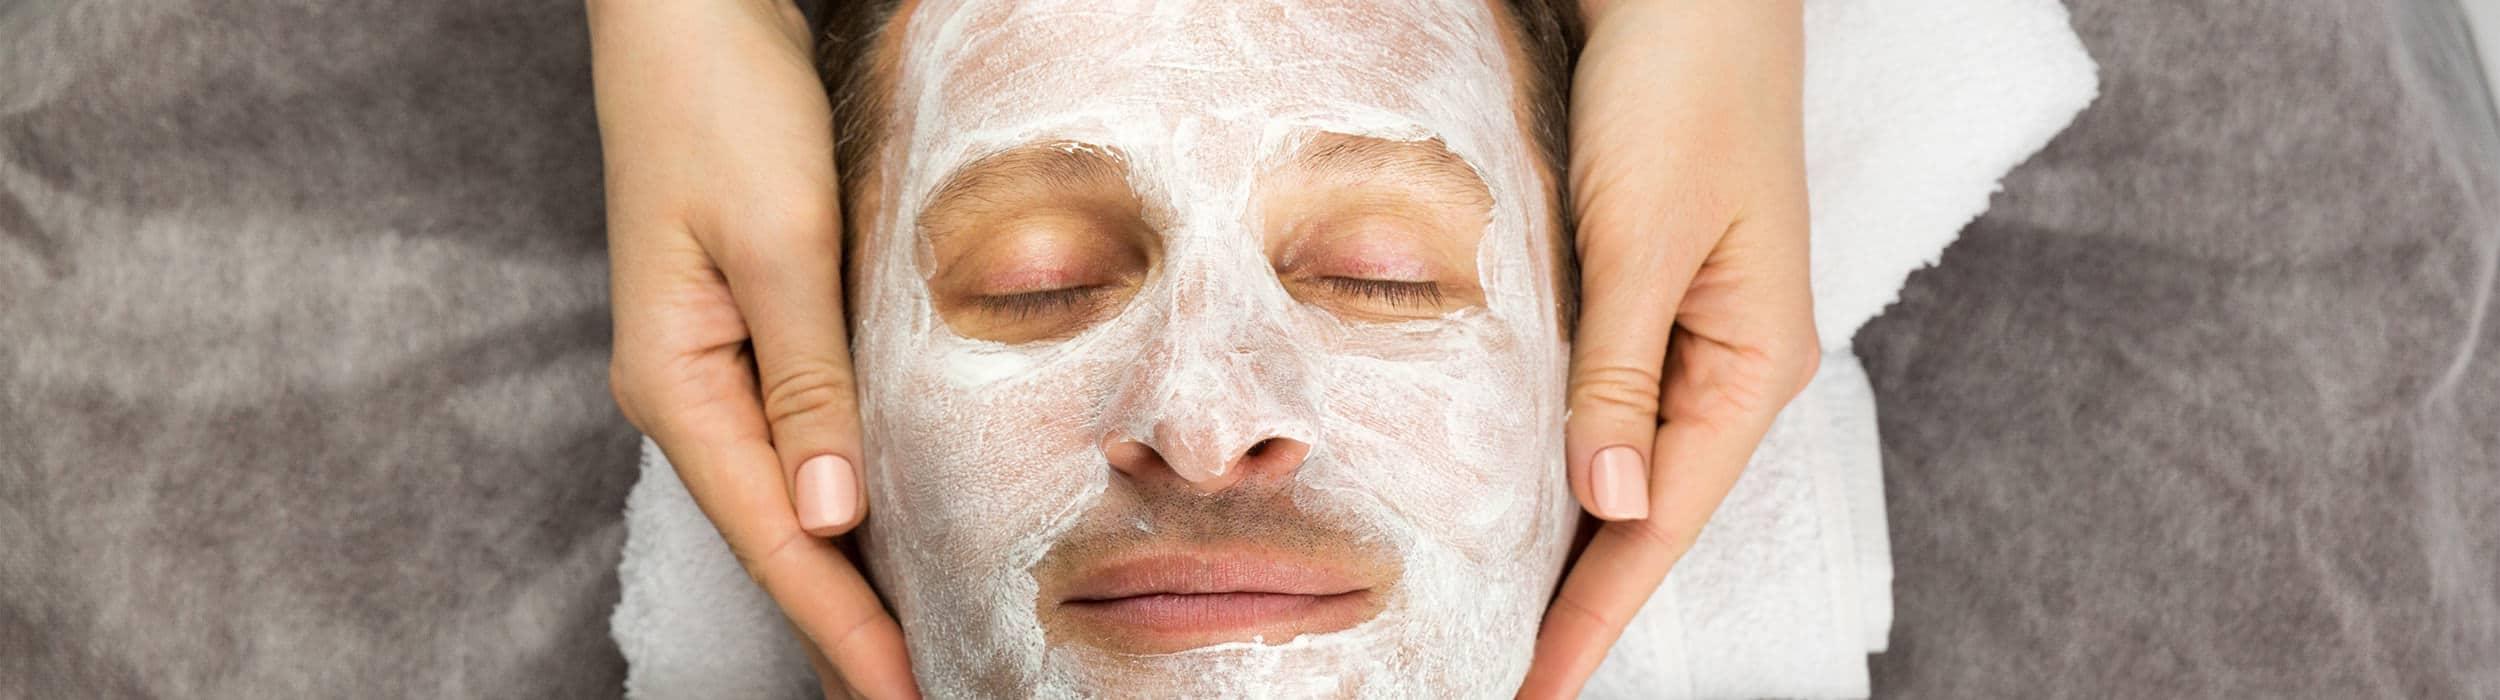 mejores tratamientos belleza estetica faciales corporales capilares hombres